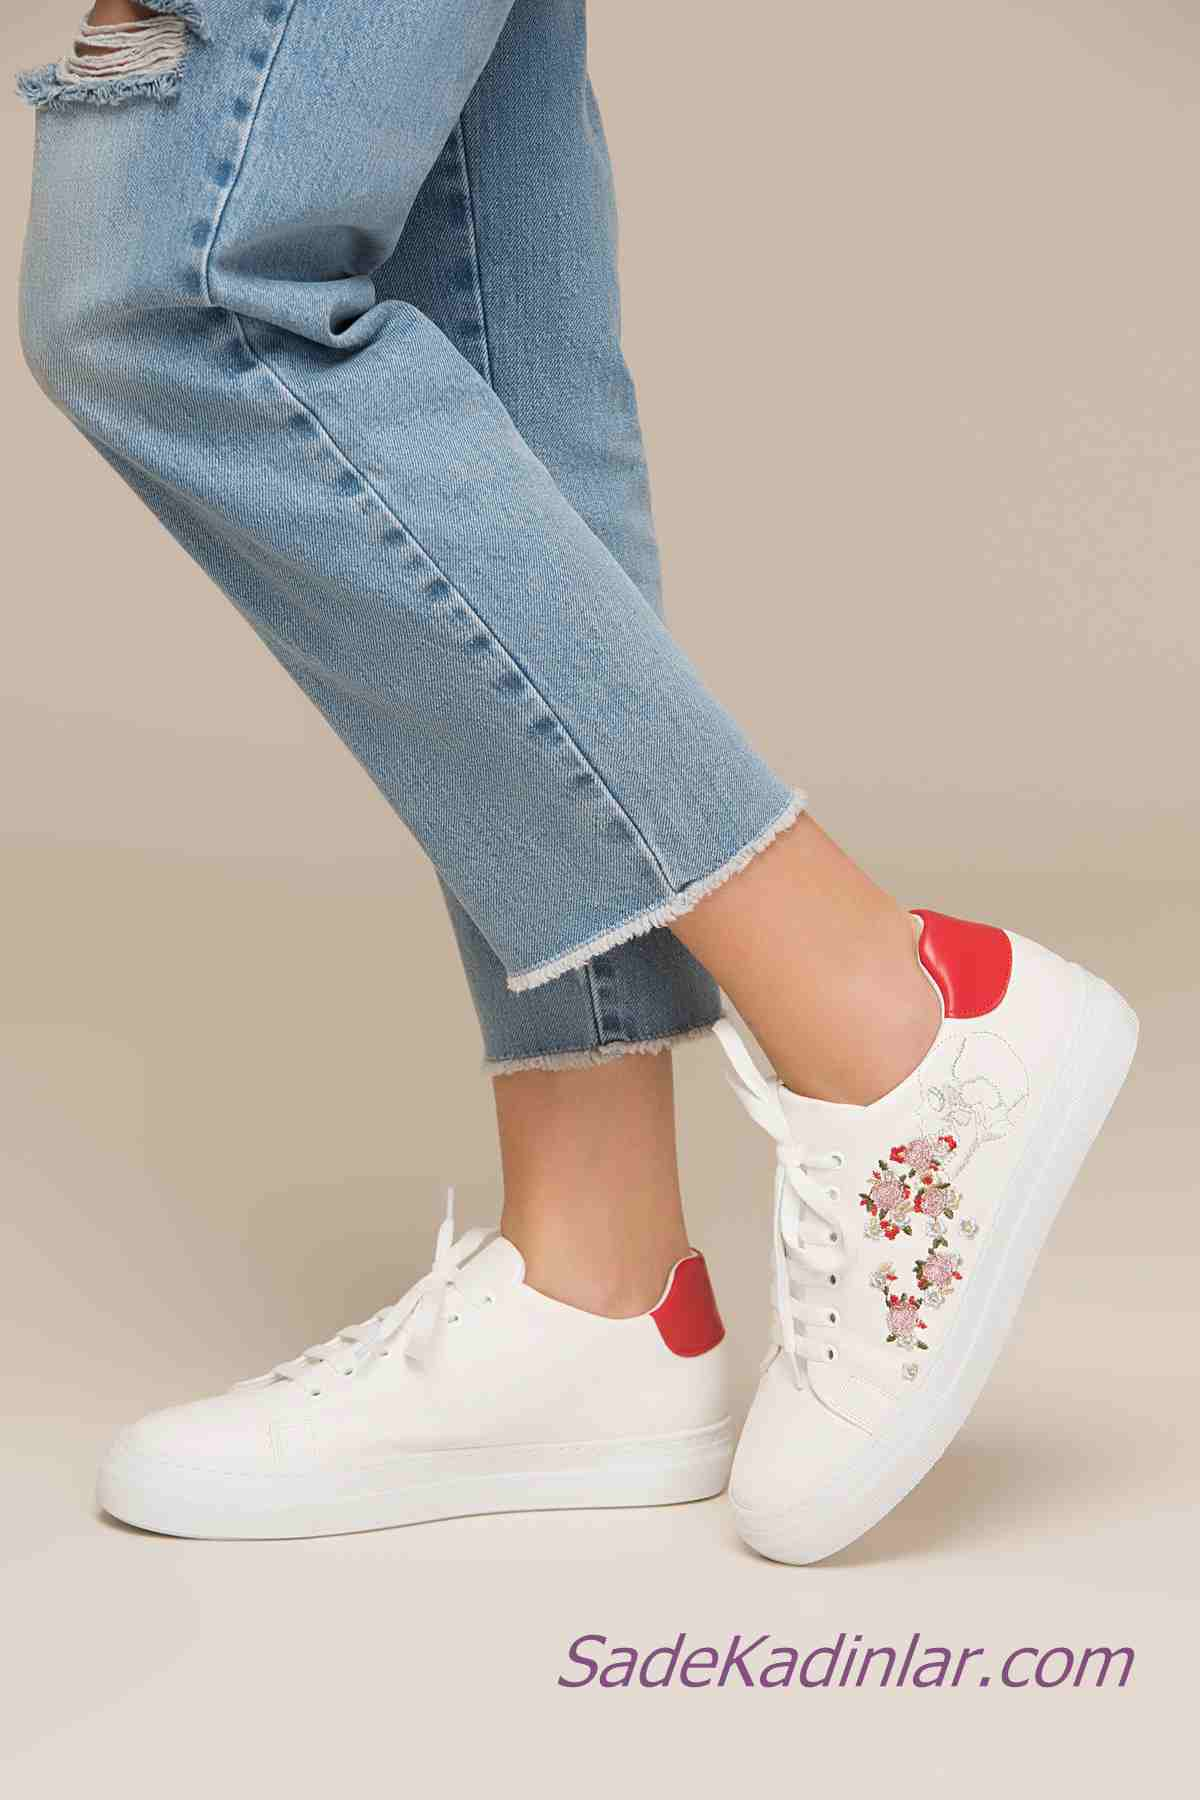 Sneakers Bayan Spor Ayakkabı Modelleri Beyaz Yandan Nakış İşlemeli Bağcıklı